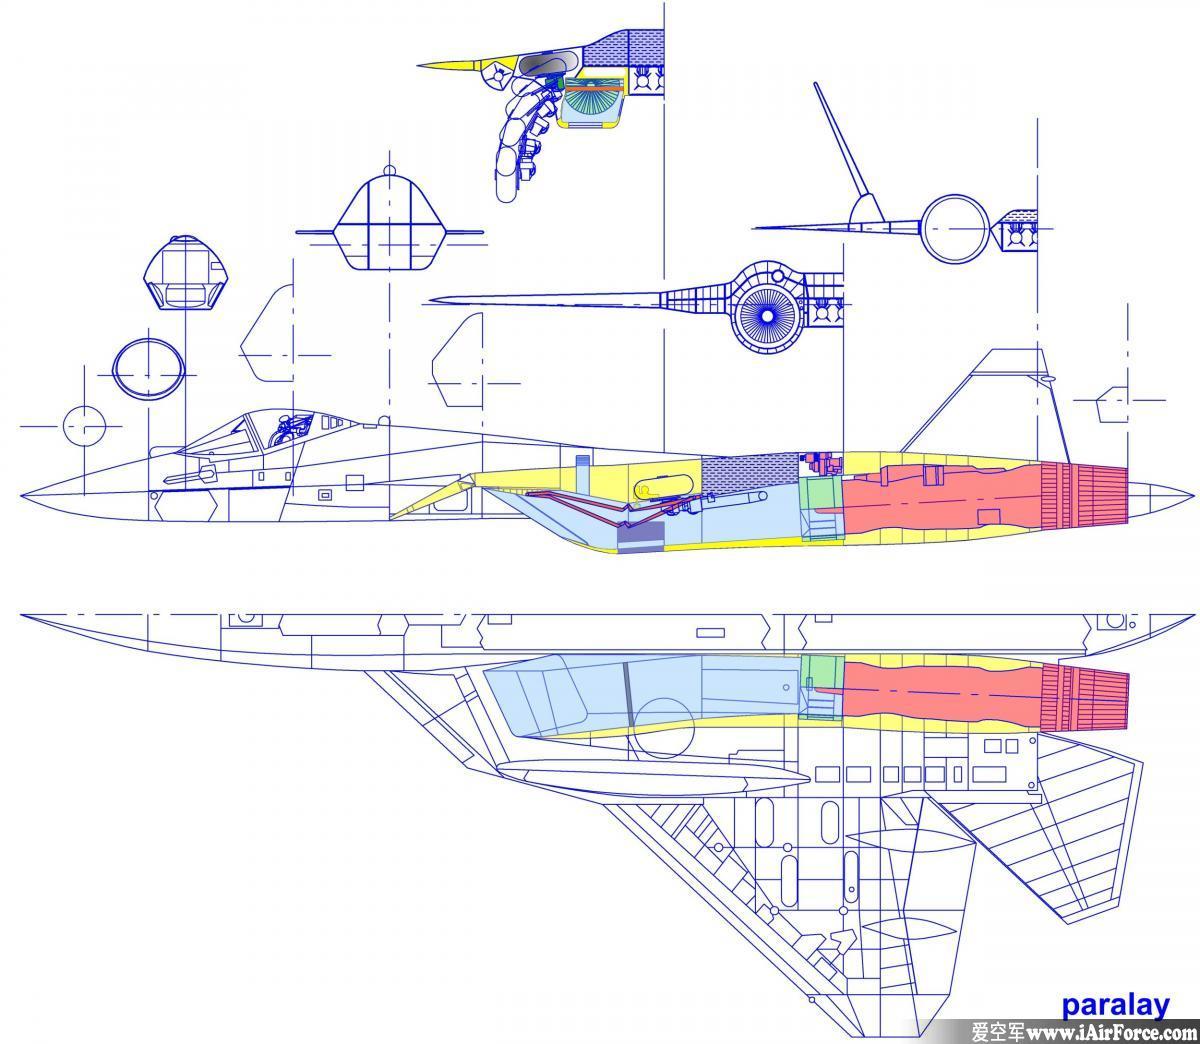 俄罗斯 T-50 战斗机立体剖视图